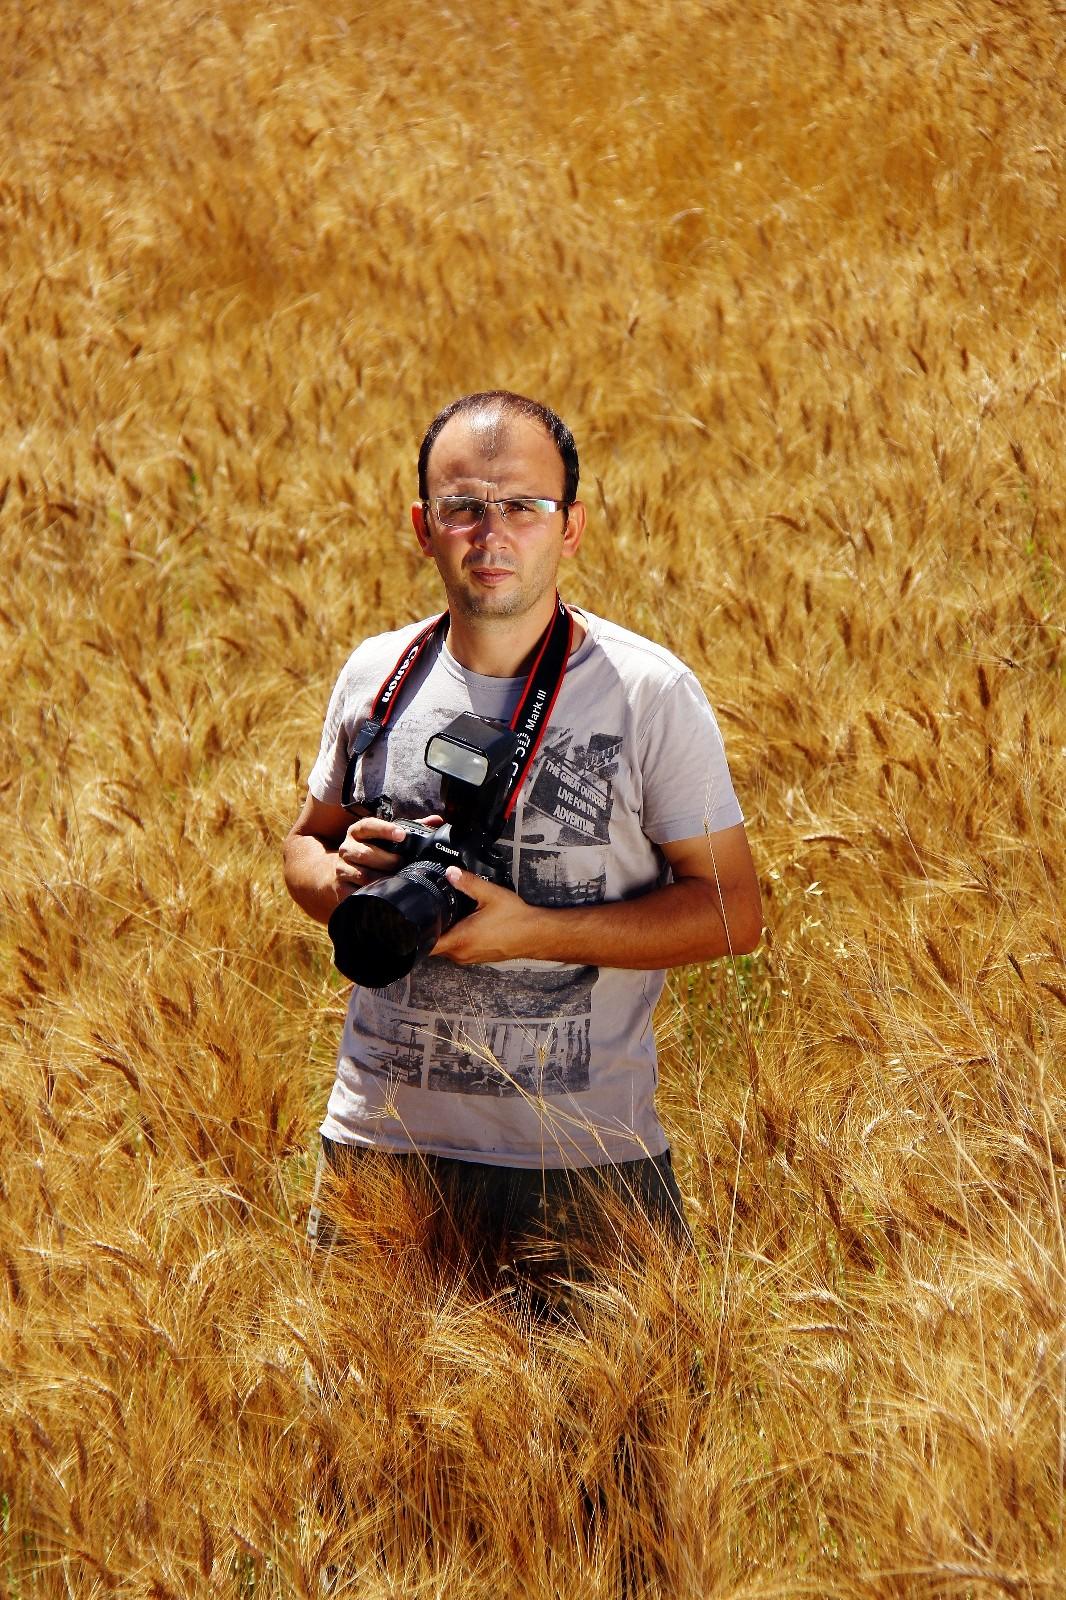 sarikecili yoruklerinin gocu fotograf sanatcisina 2 odul getirdi